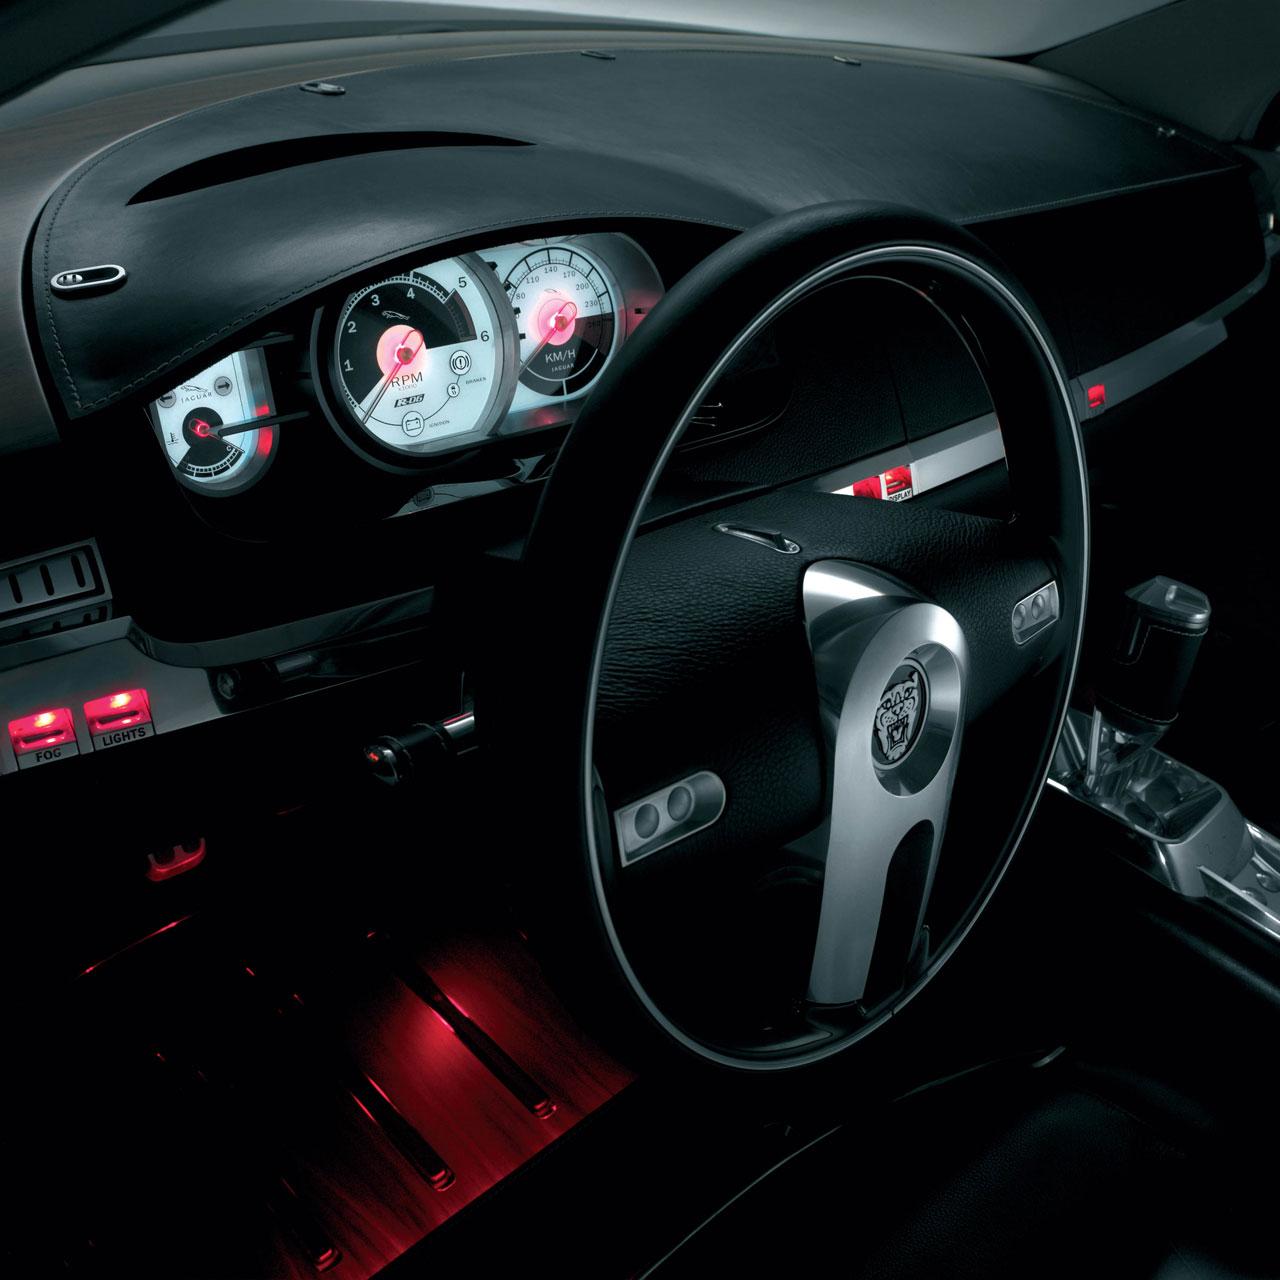 2003 Jaguar X Type Interior: Jaguar R-D6 Concept (2003)